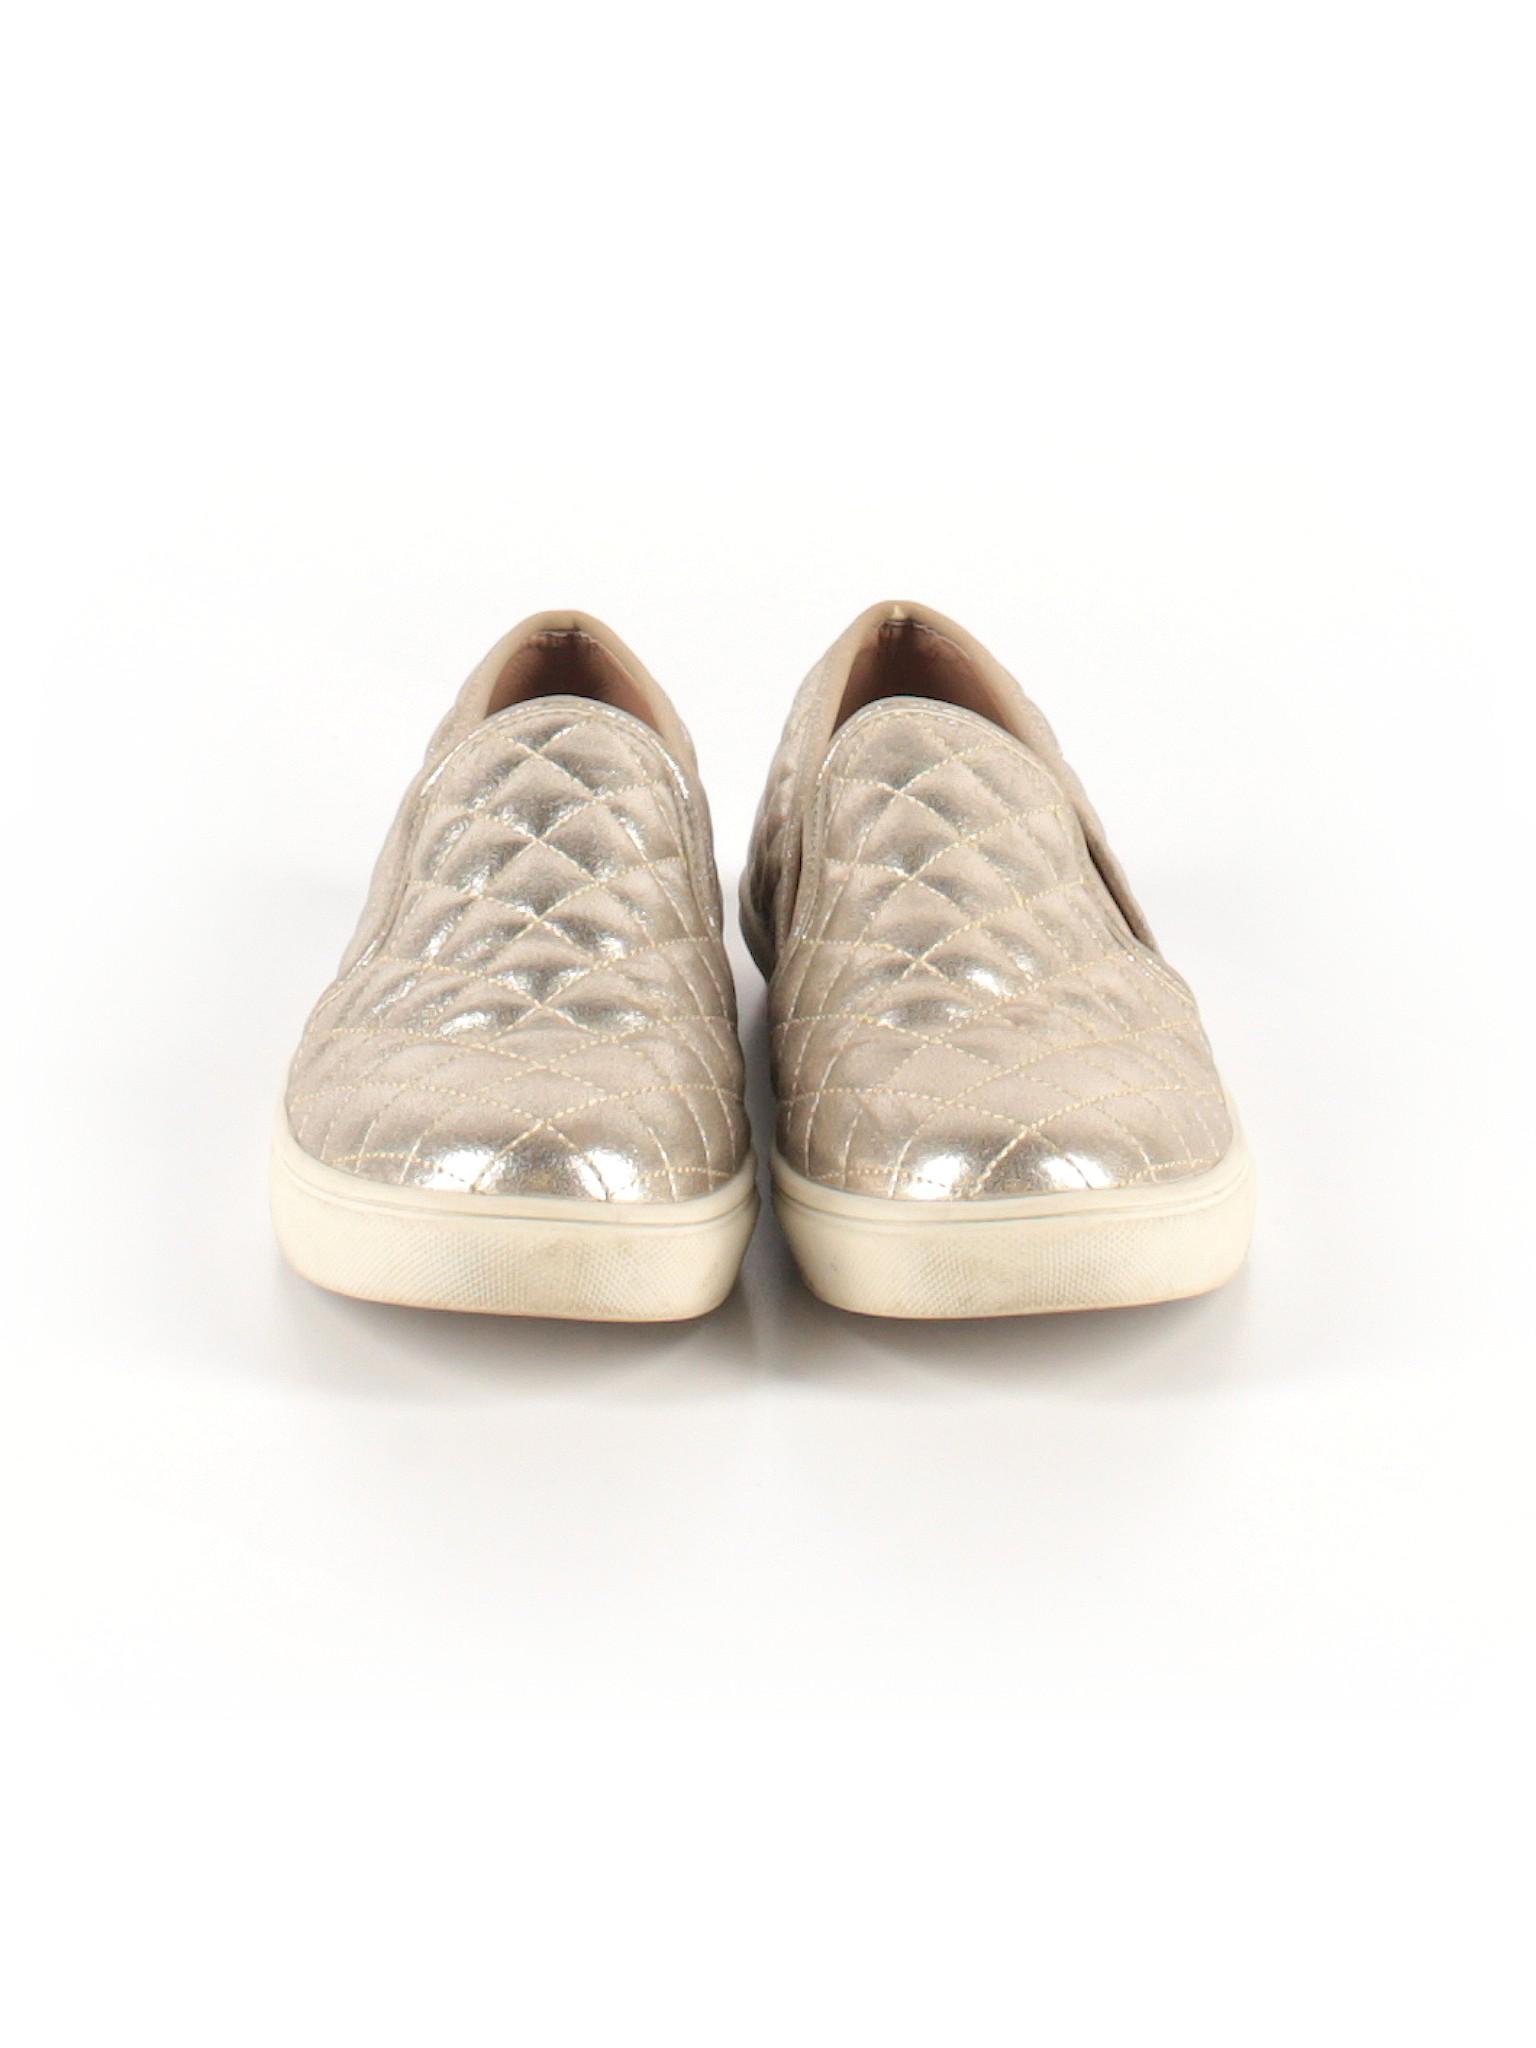 Boutique promotion Boutique Madden Steve Sneakers promotion r87qw6d7ax